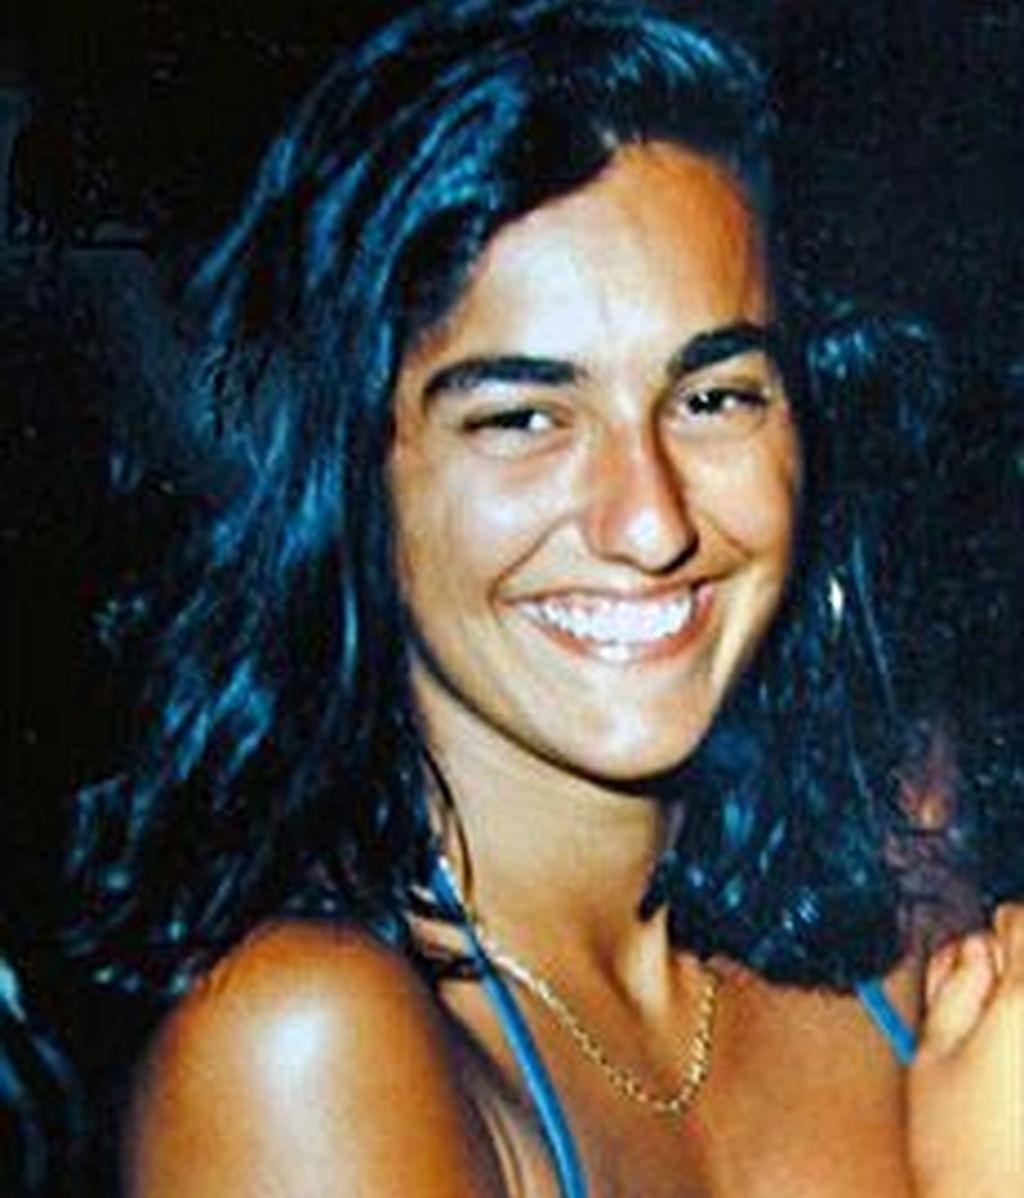 Eluana Englaro, de 38 años permanece en coma vegetativo desde 1992. Su caso ha levantado la polémica sobre la eutanasia en Italia. Foto archivo